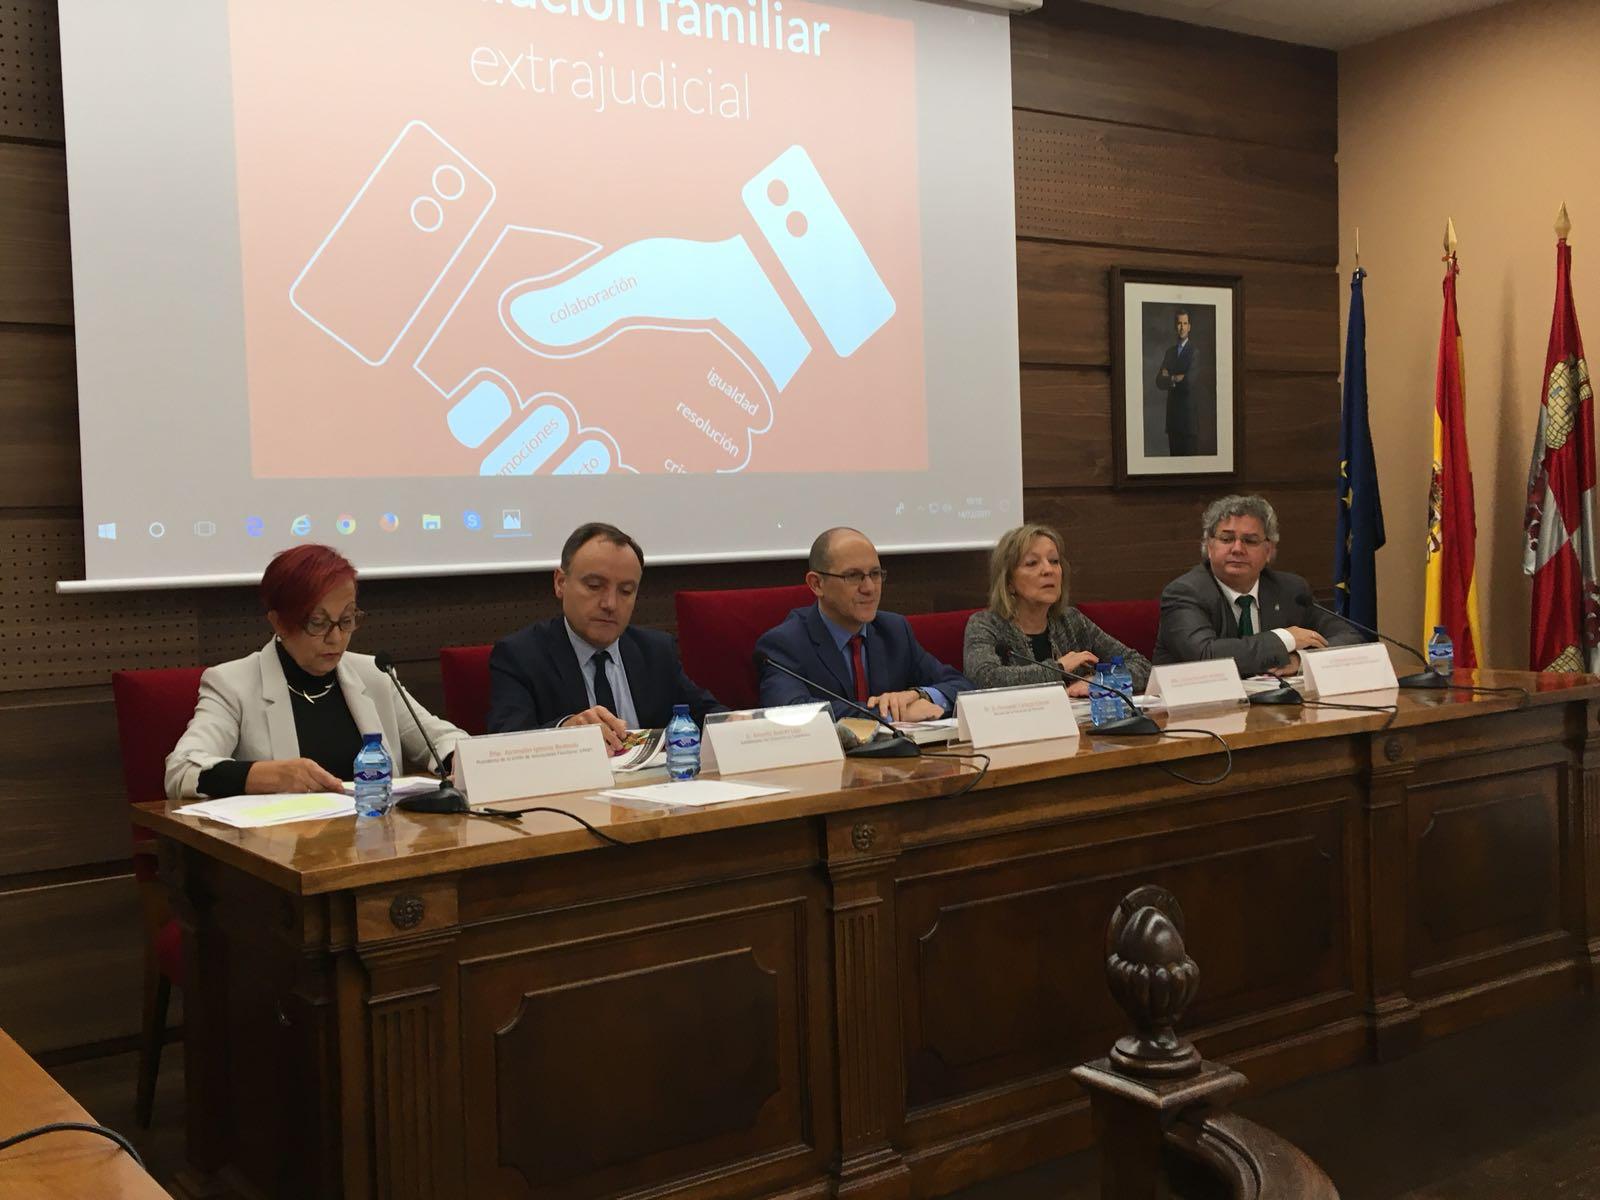 Salamanca debate en torno a la Mediación Familiar Extrajudicial